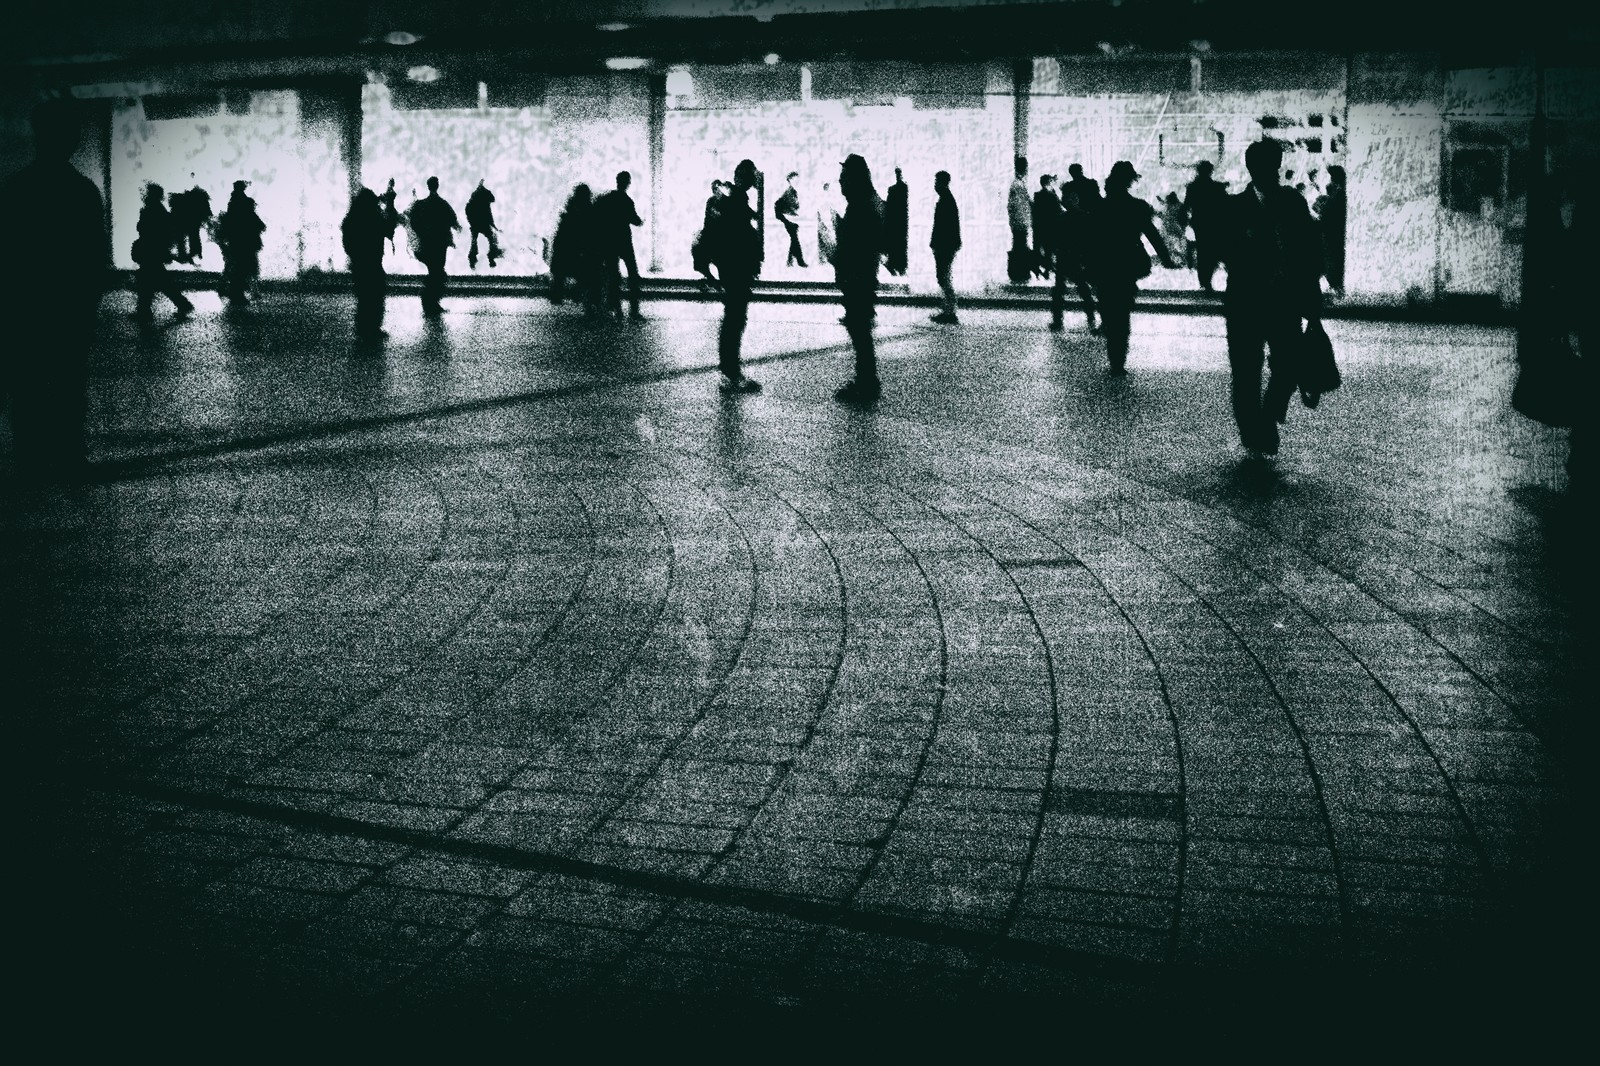 「駅前の往来する人々(ノイズ)」の写真